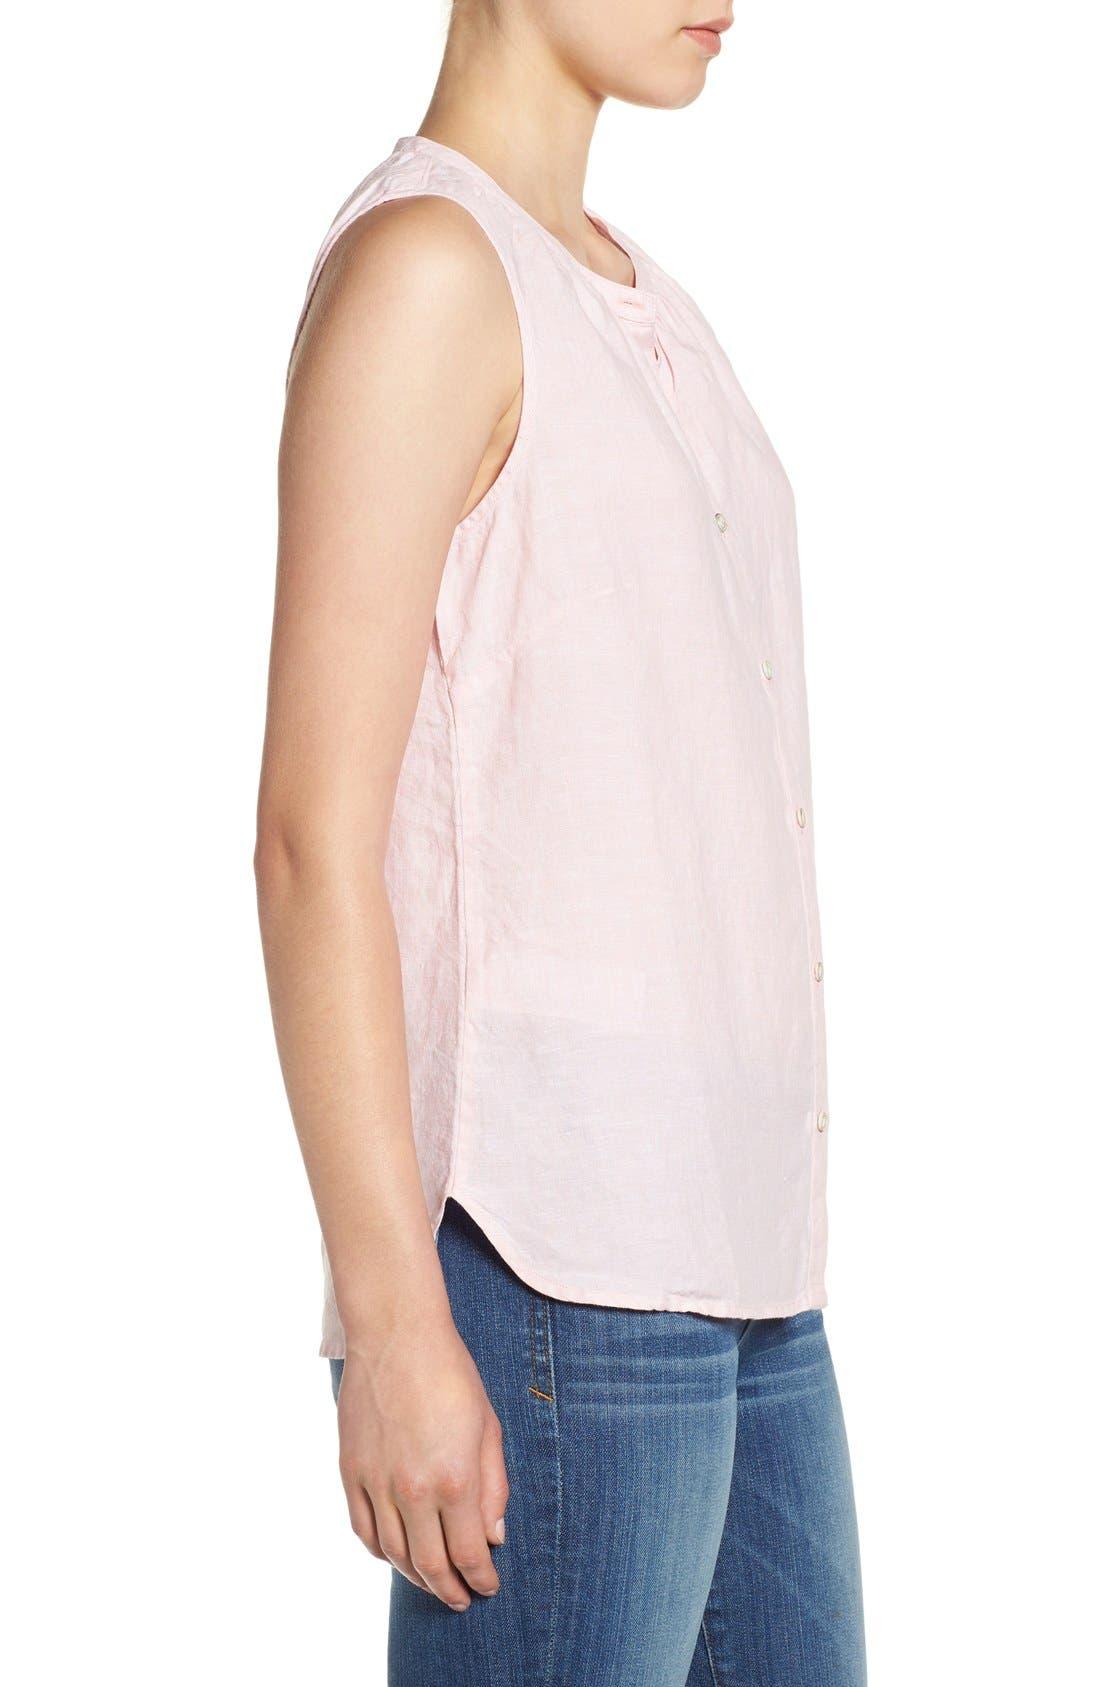 Alternate Image 3  - Tommy Bahama 'Sunset Chambray' Sleeveless Shirt